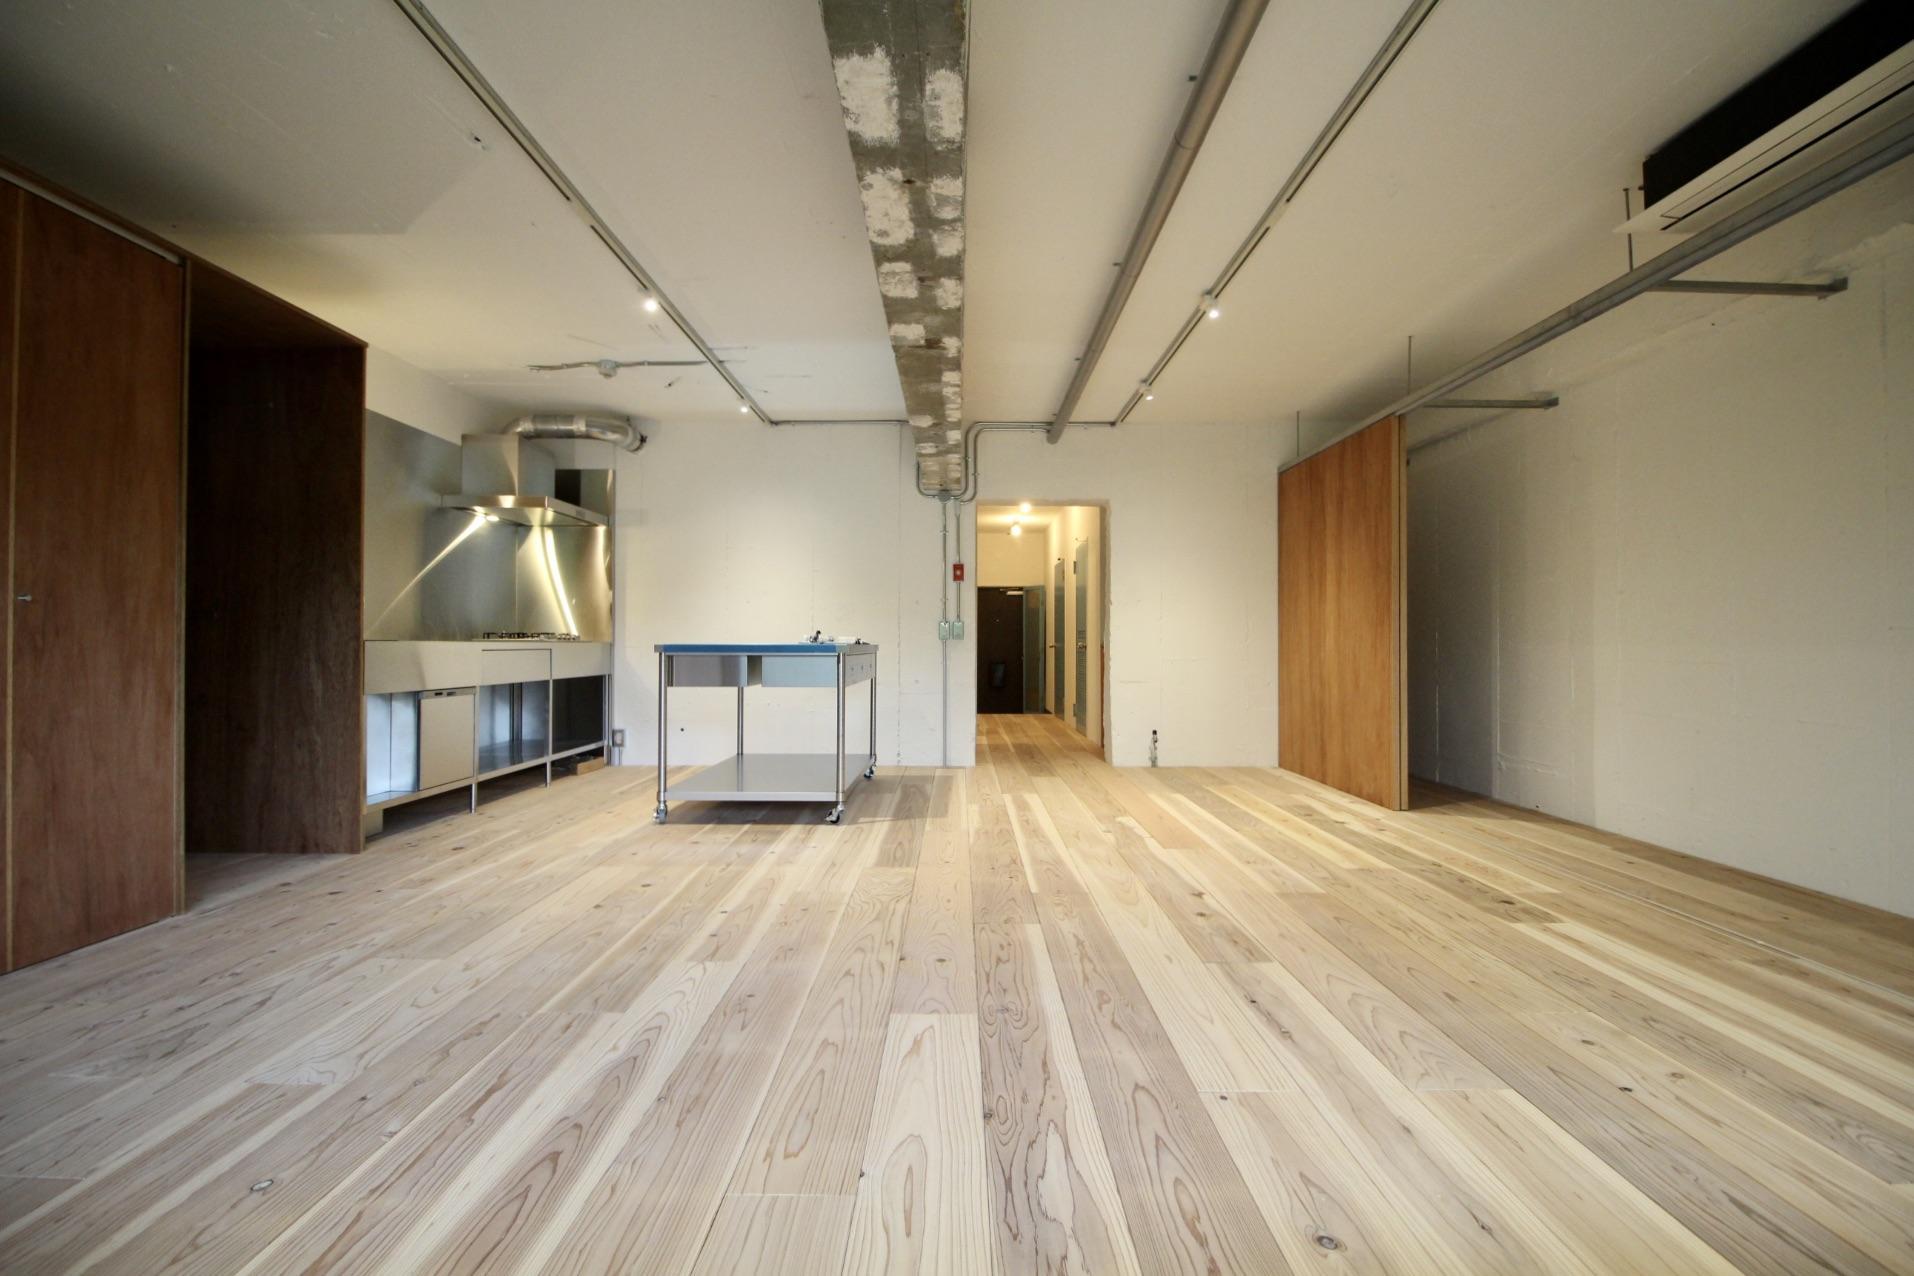 表情のある素材を使用した経年変化が愉しみな空間